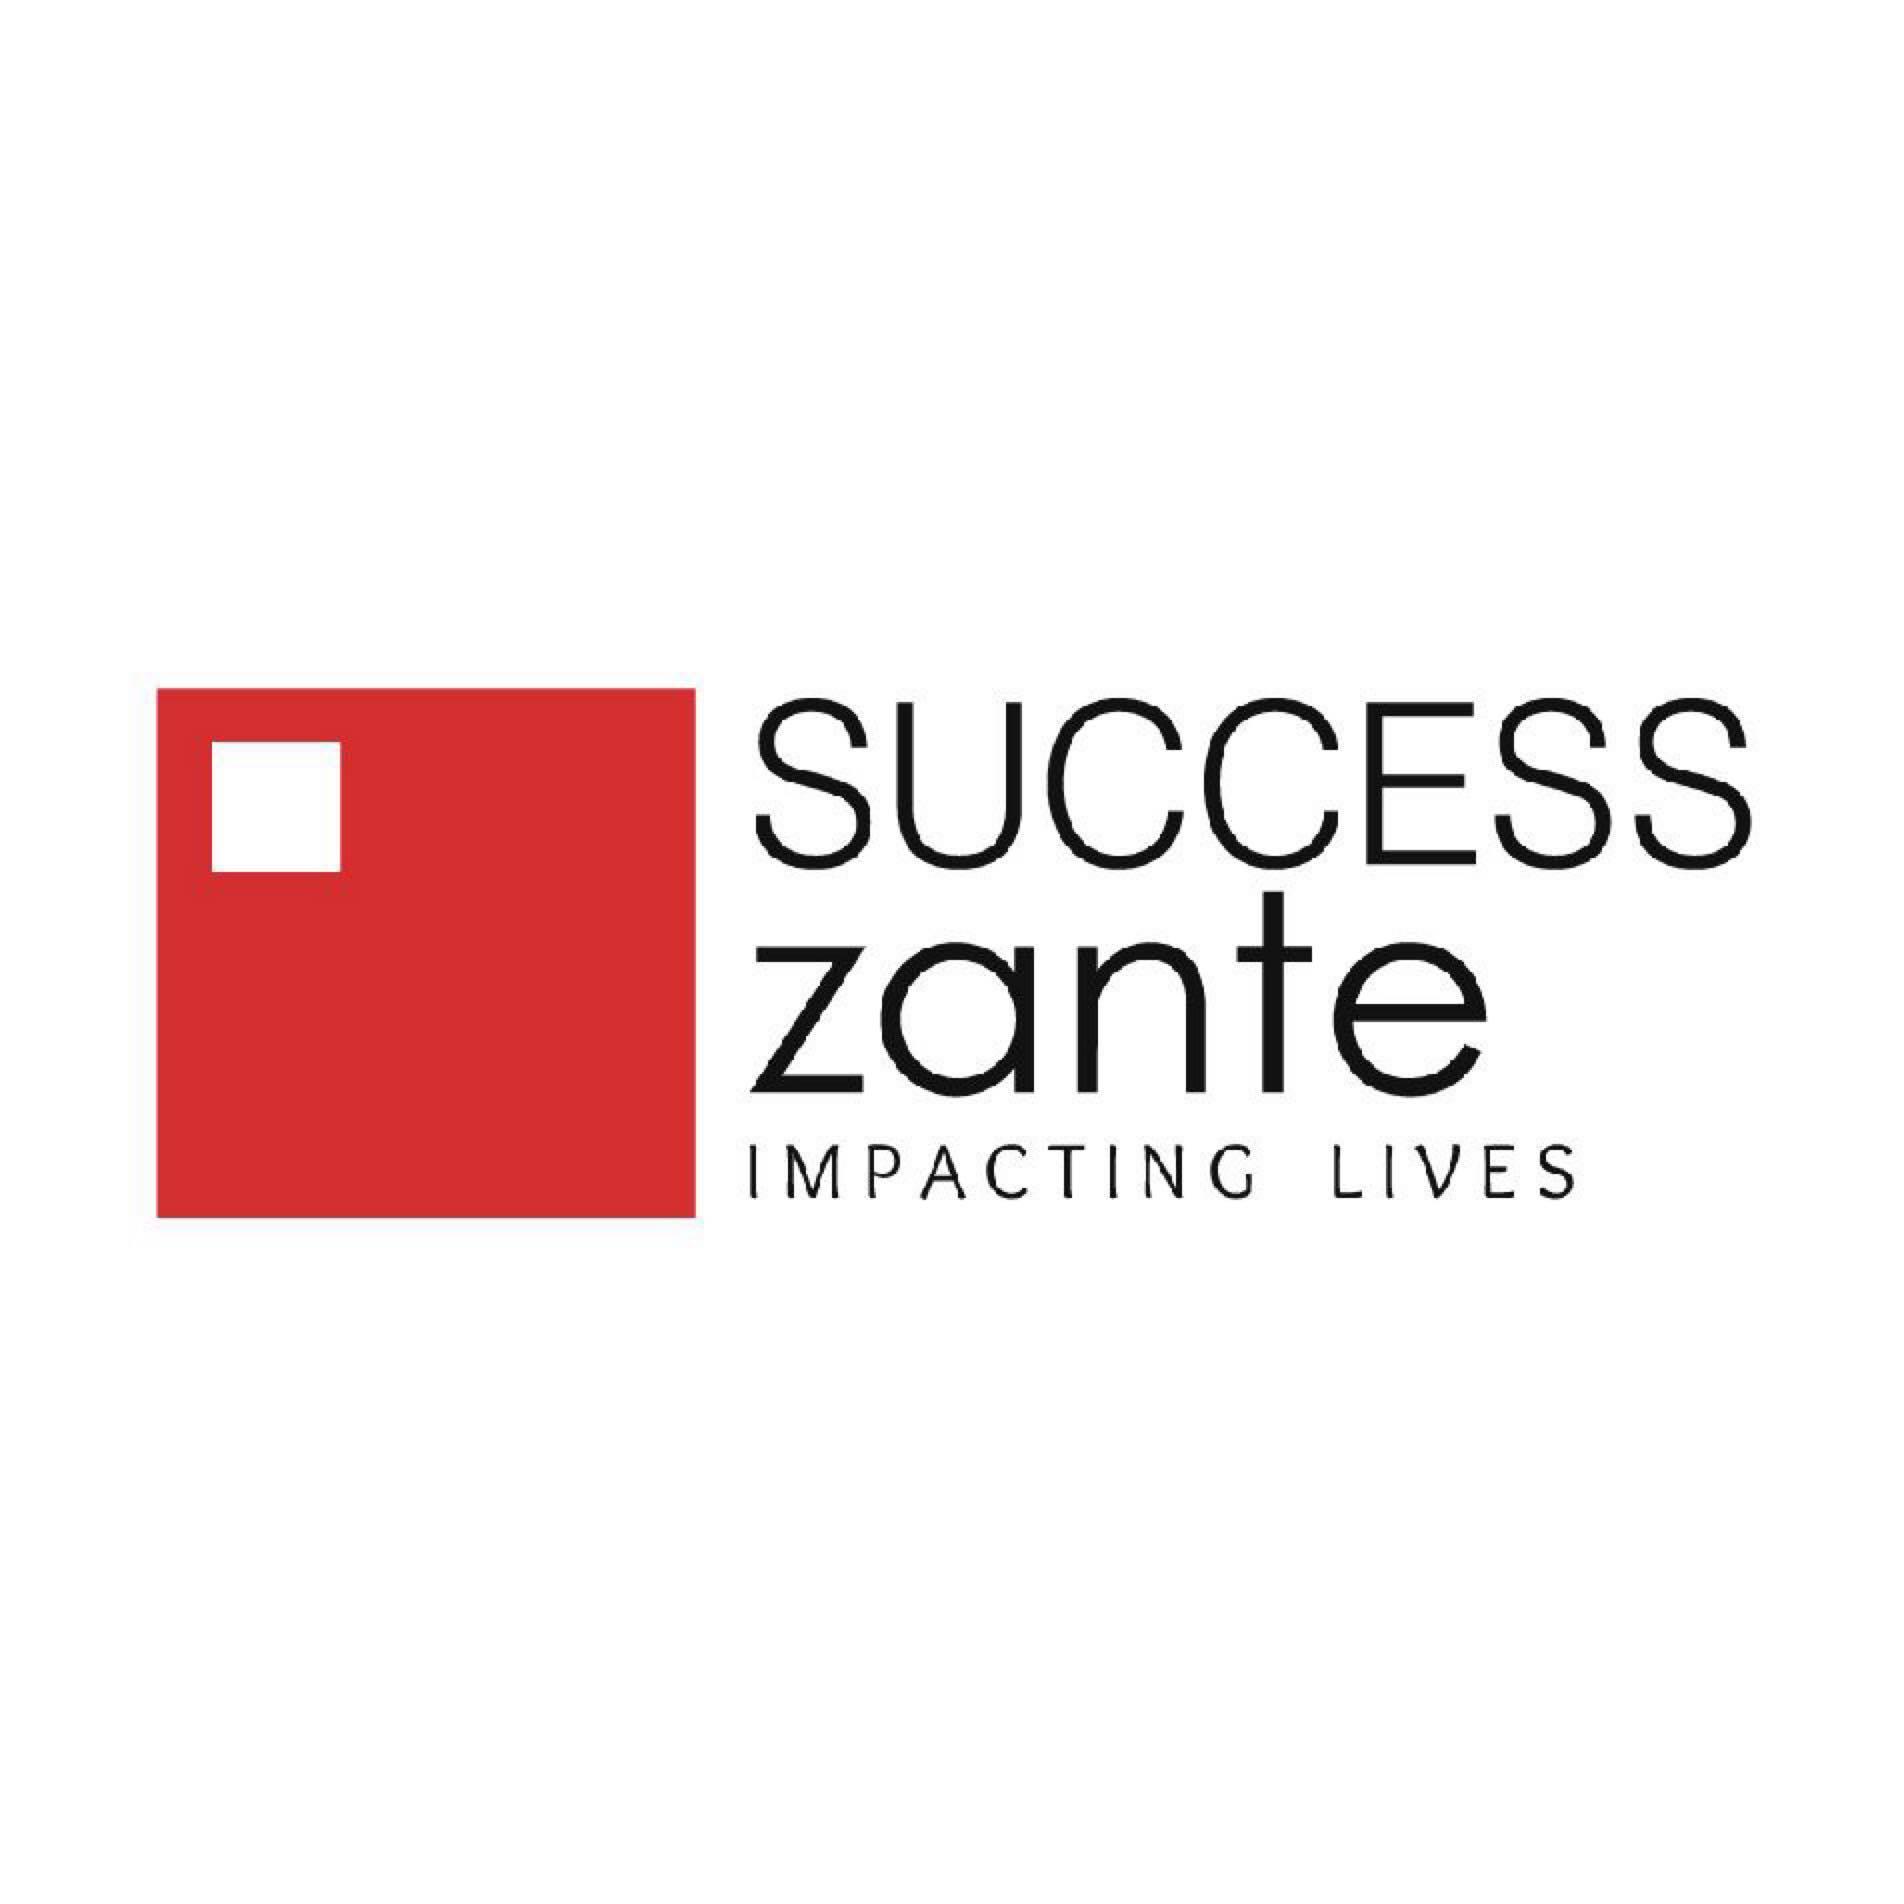 Zante Consultancy